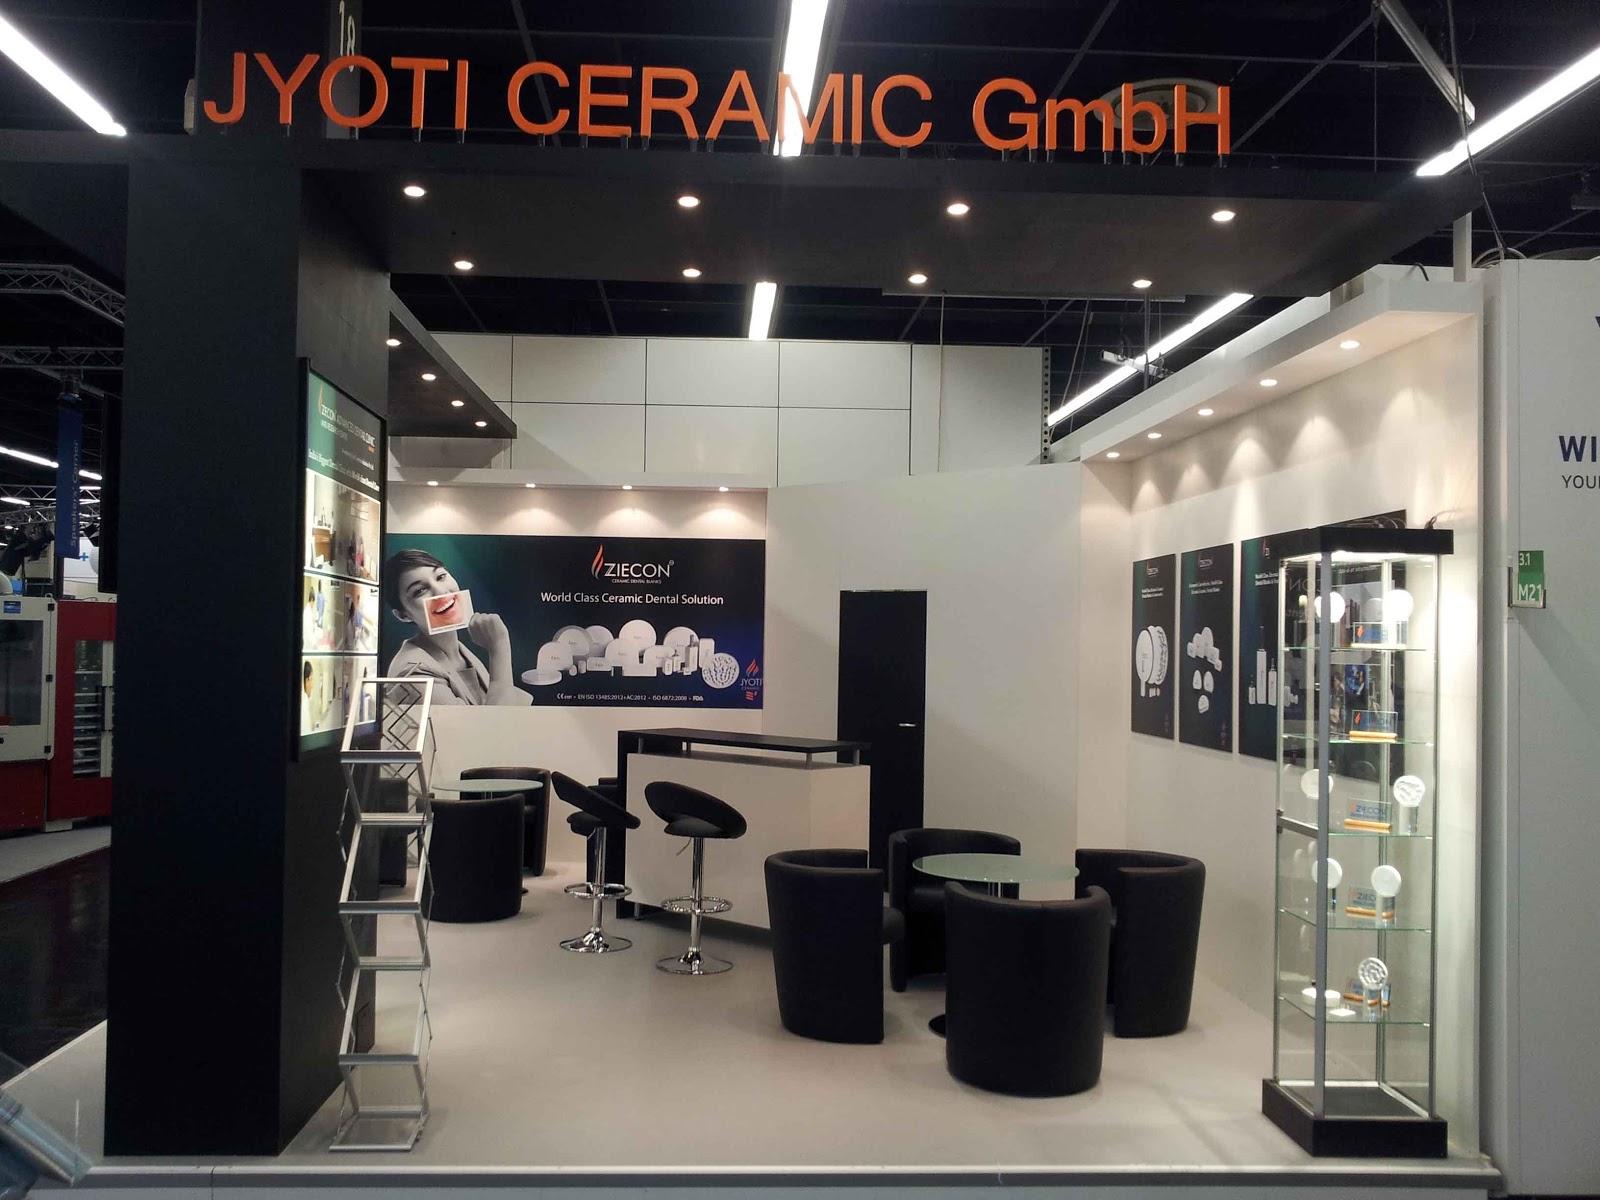 Exhibition Stand Setup : Studio one designs pvt ltd exhibition stand design